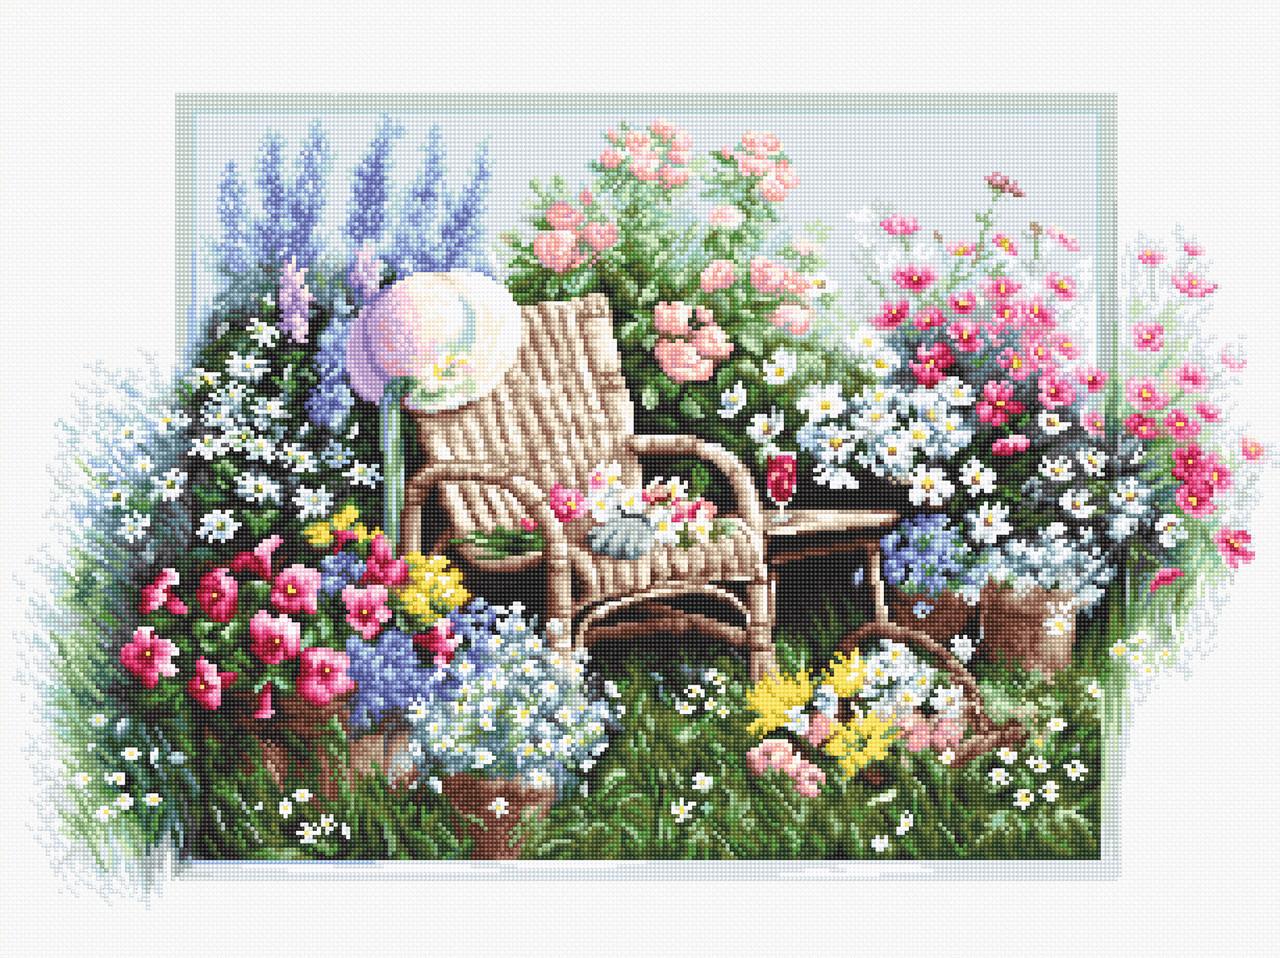 Набір для вишивання хрестиком 43х28см. Квітучий сад. Luca-S